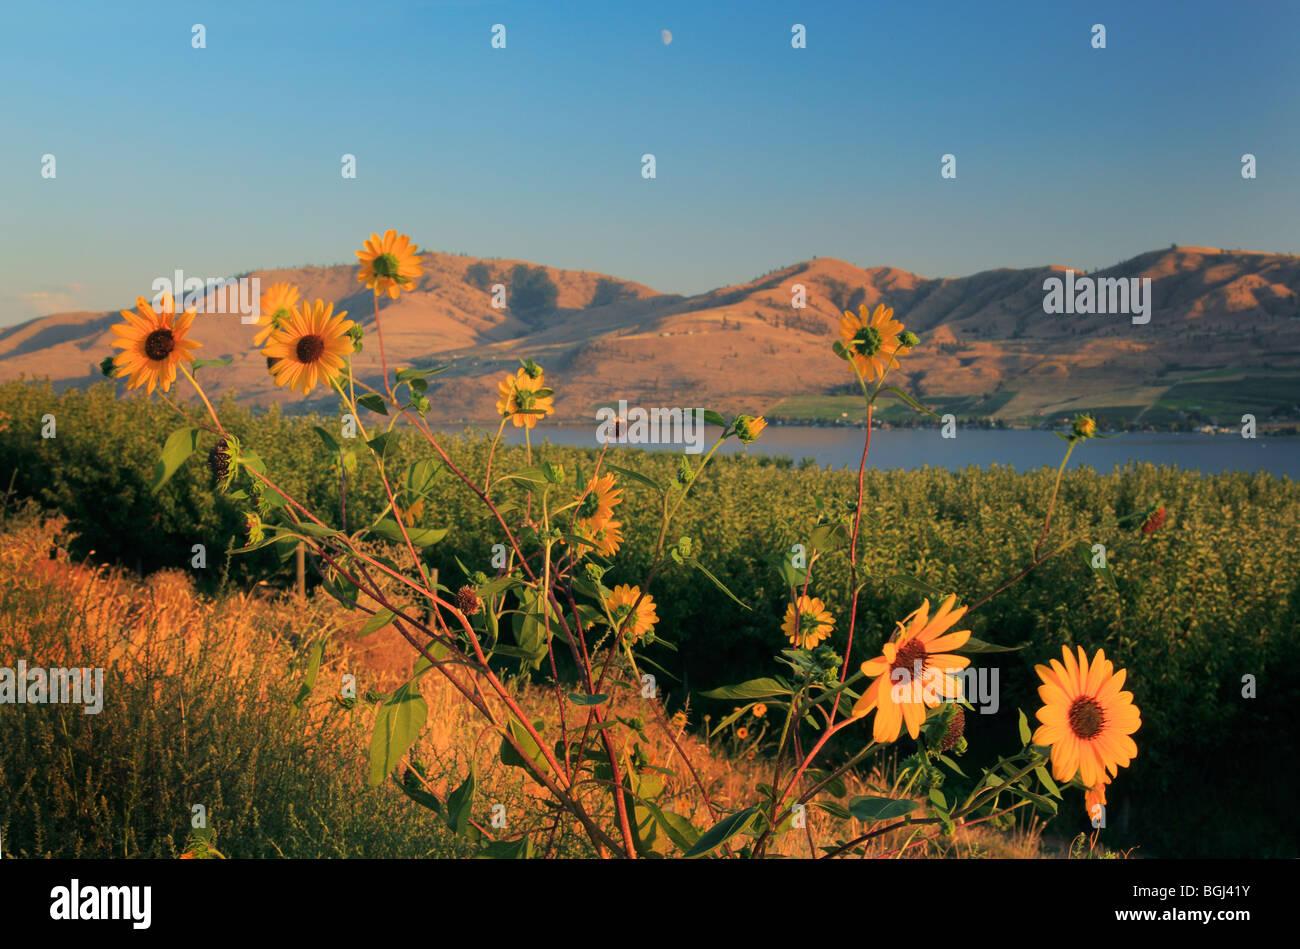 Los girasoles, cerca del lago Chelan en el oriental estado de Washington Imagen De Stock